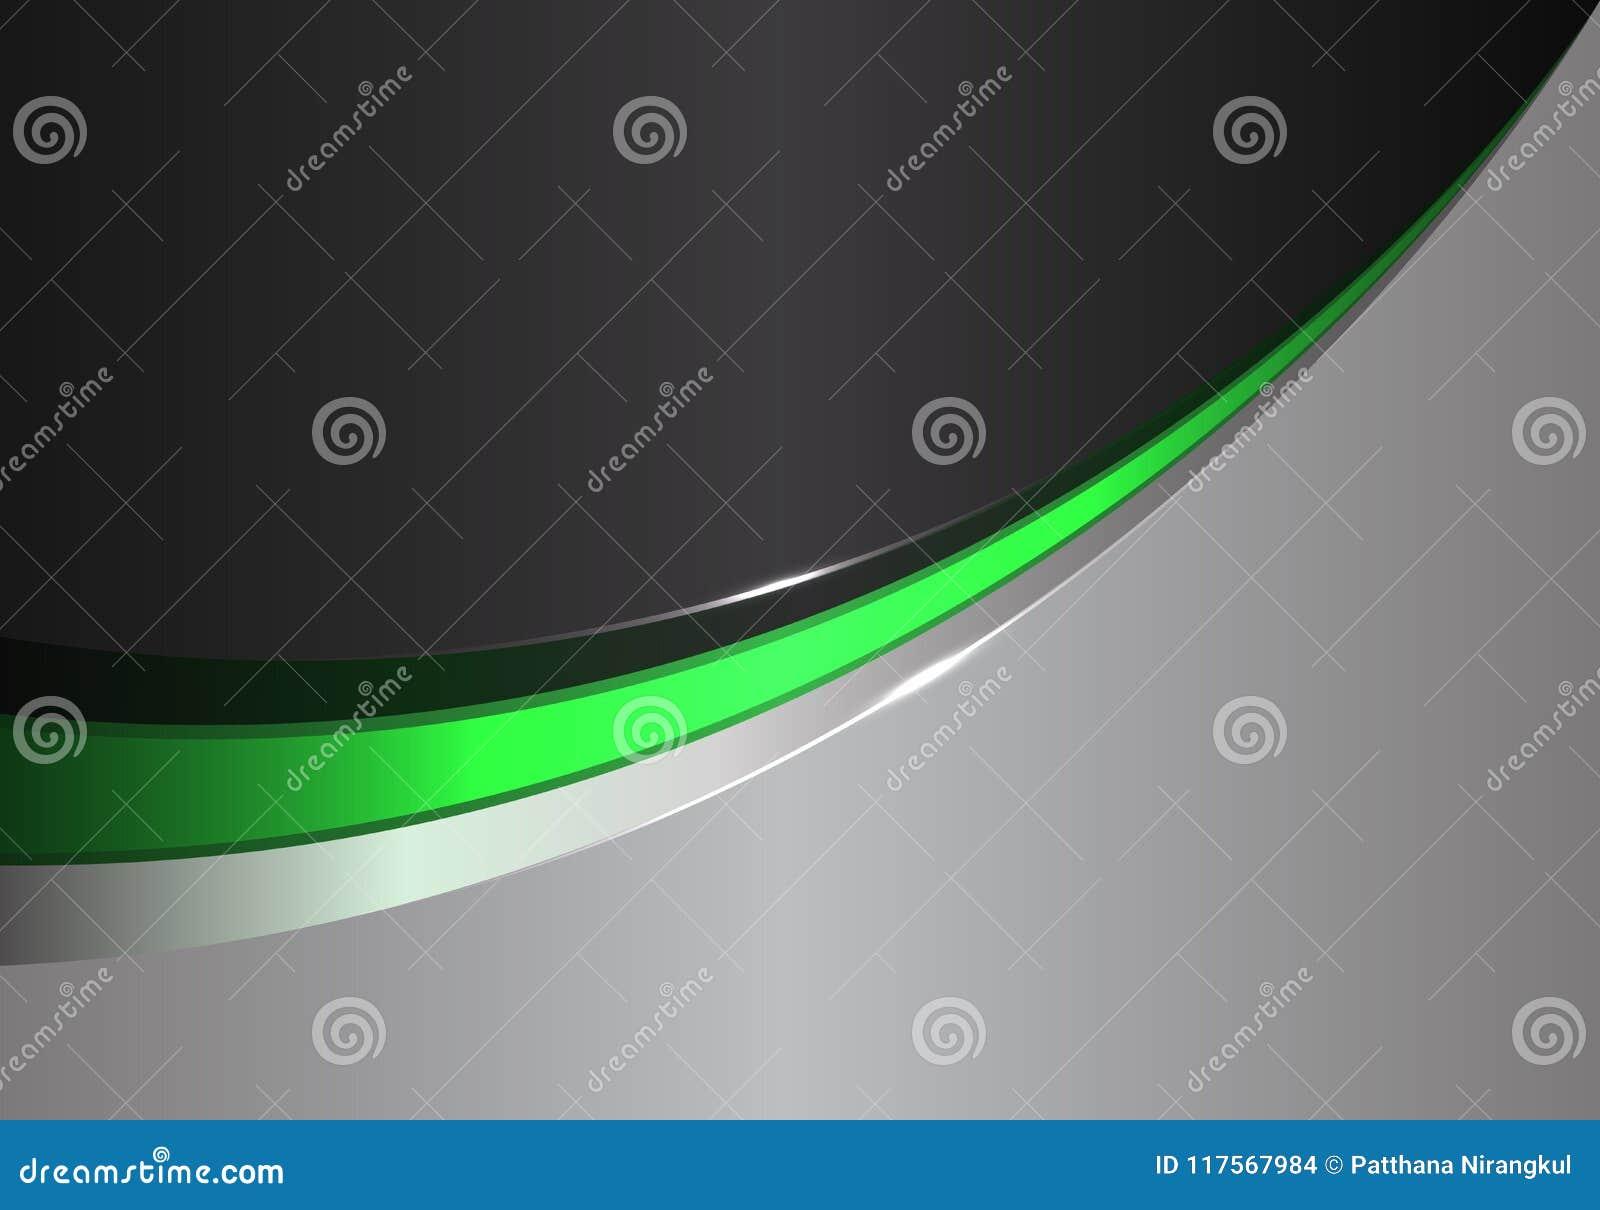 Abstrakte Kurve der Grünen Grenze auf modernem futuristischem Hintergrundvektor des schwarzen grauen Designs